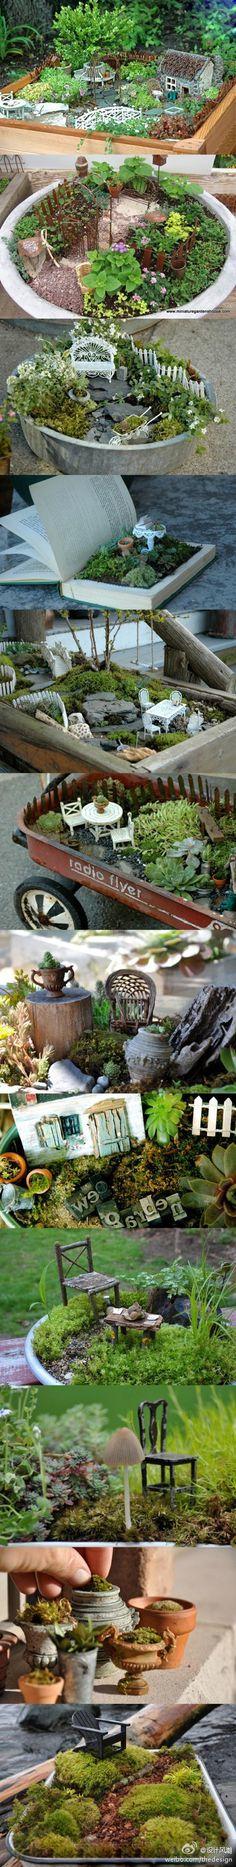 Miniature gardens @ DIY Home Ideas